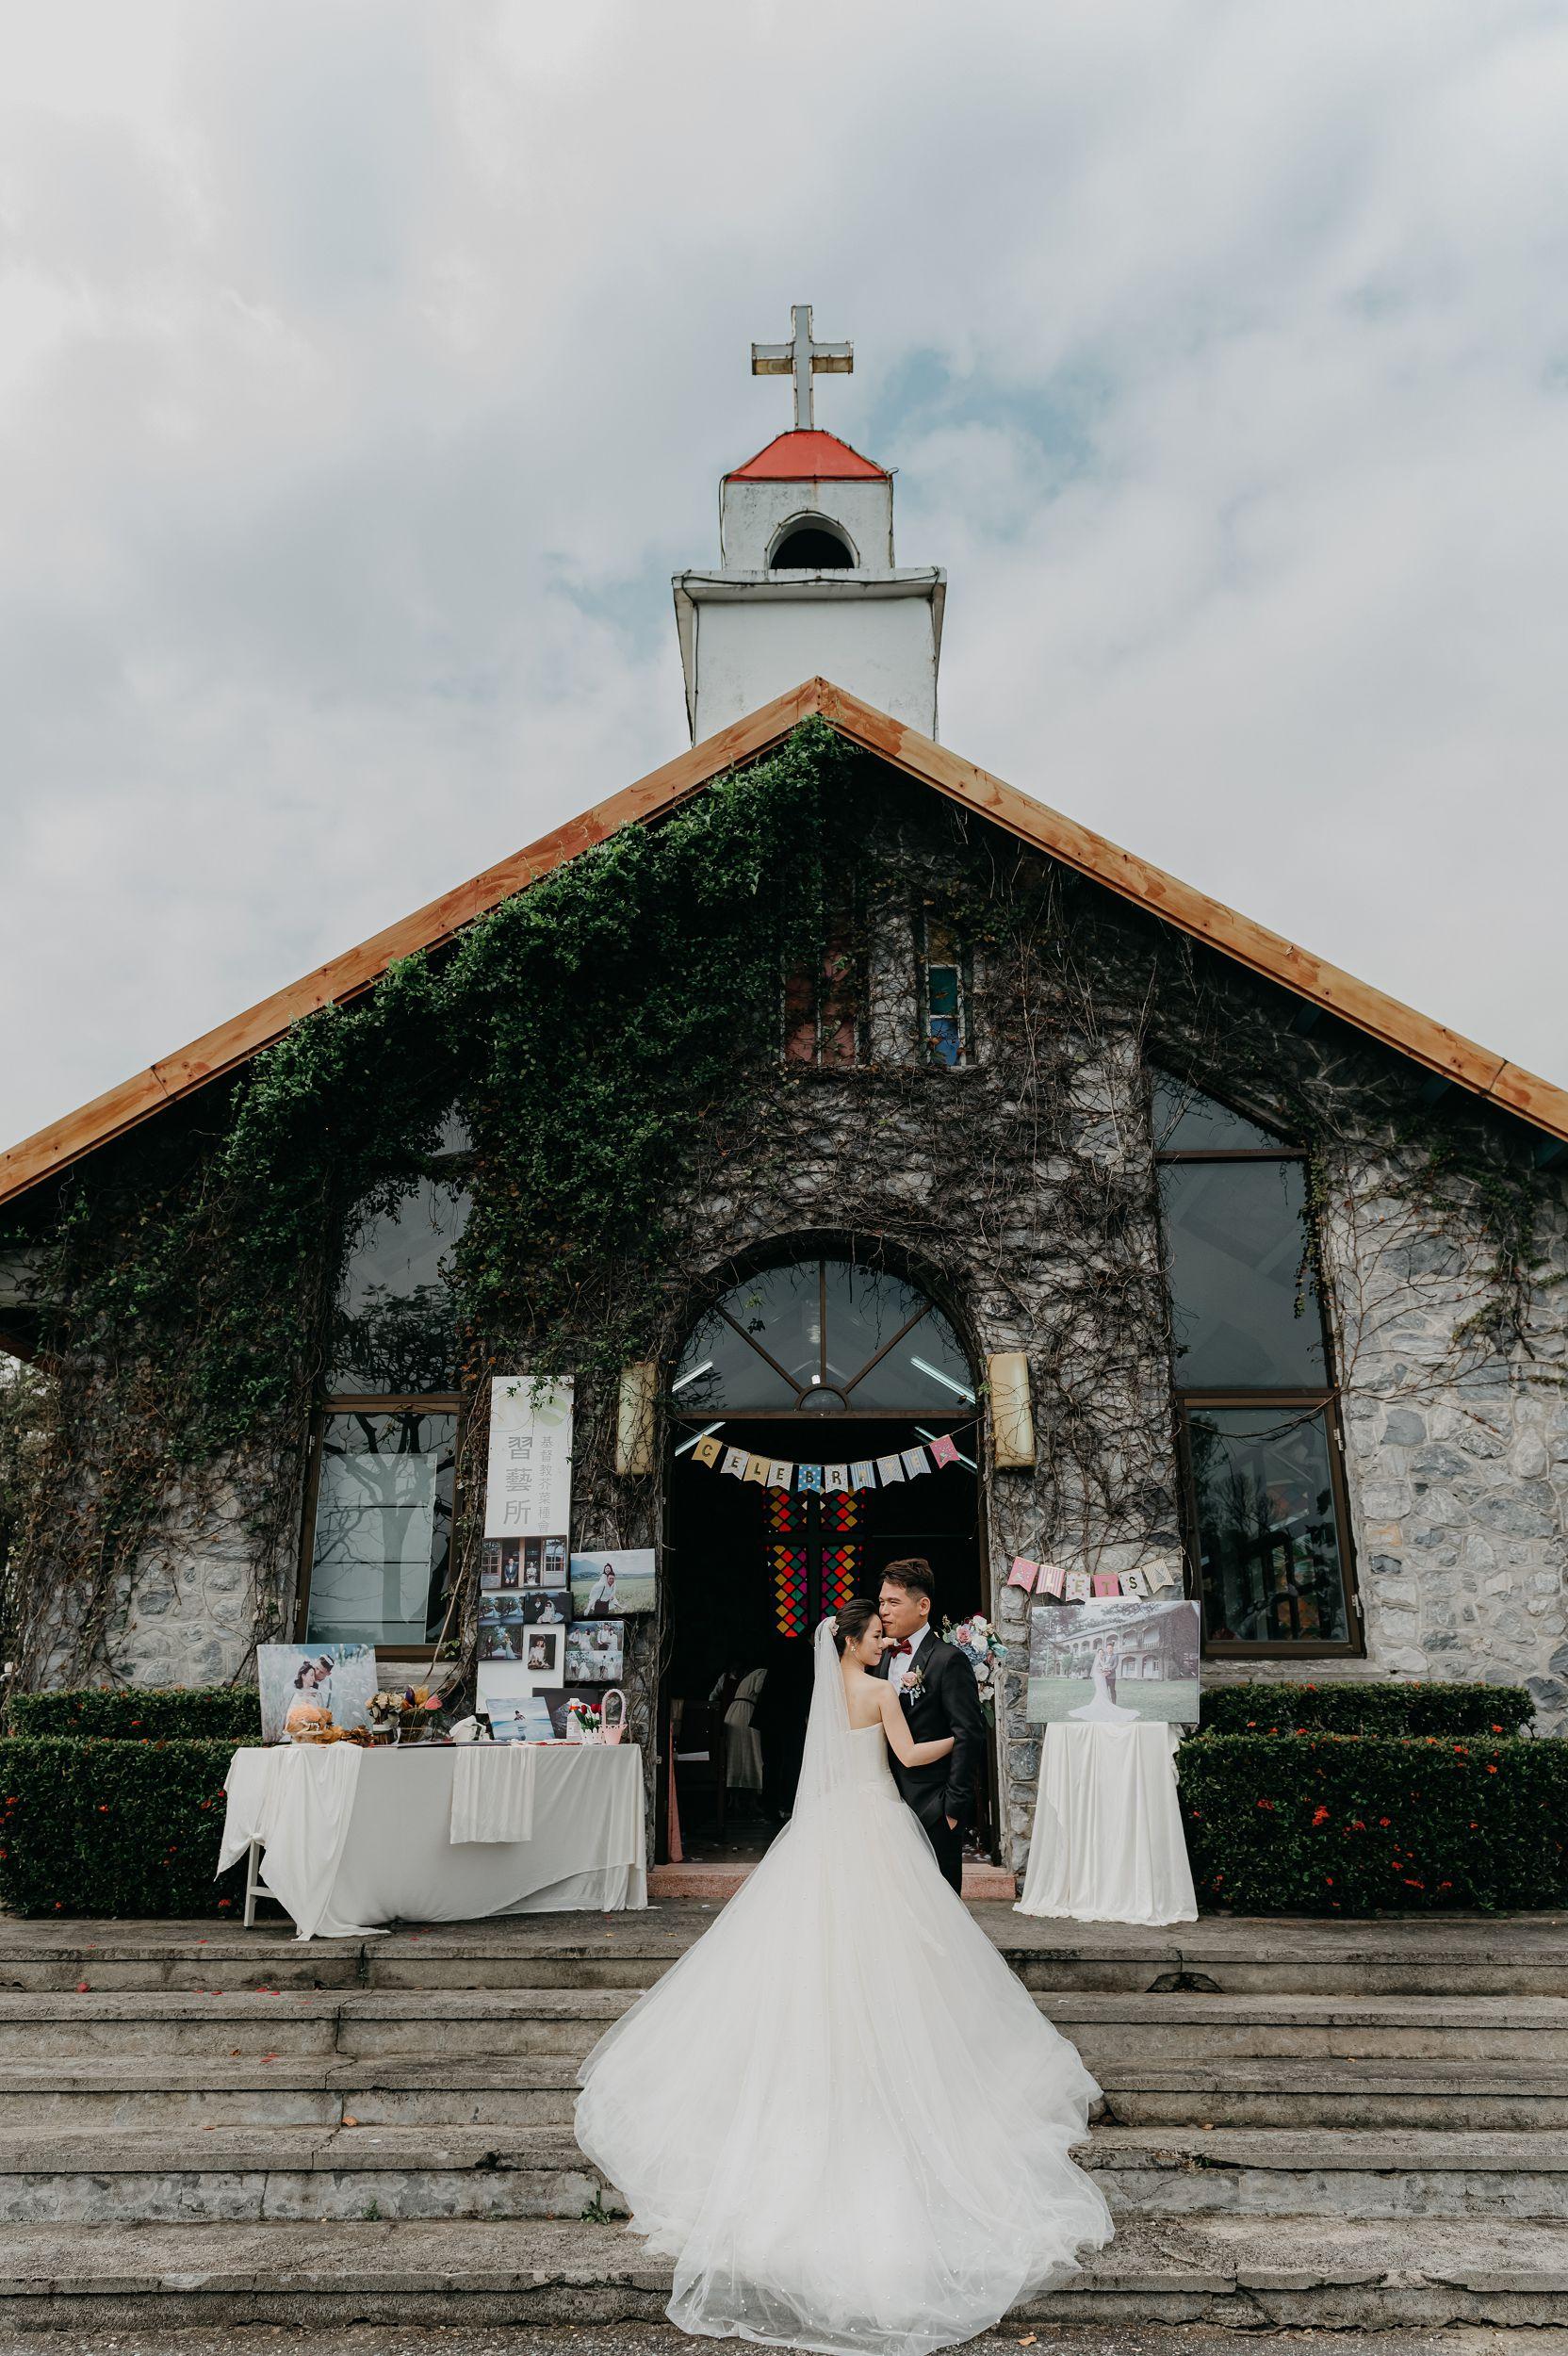 婚禮紀錄,婚攝,花蓮,教堂,證婚,芥菜種會,基督教,雙攝,風雲20,游阿三,類婚紗,合照,新秘,天馬行空,MAKEUP,